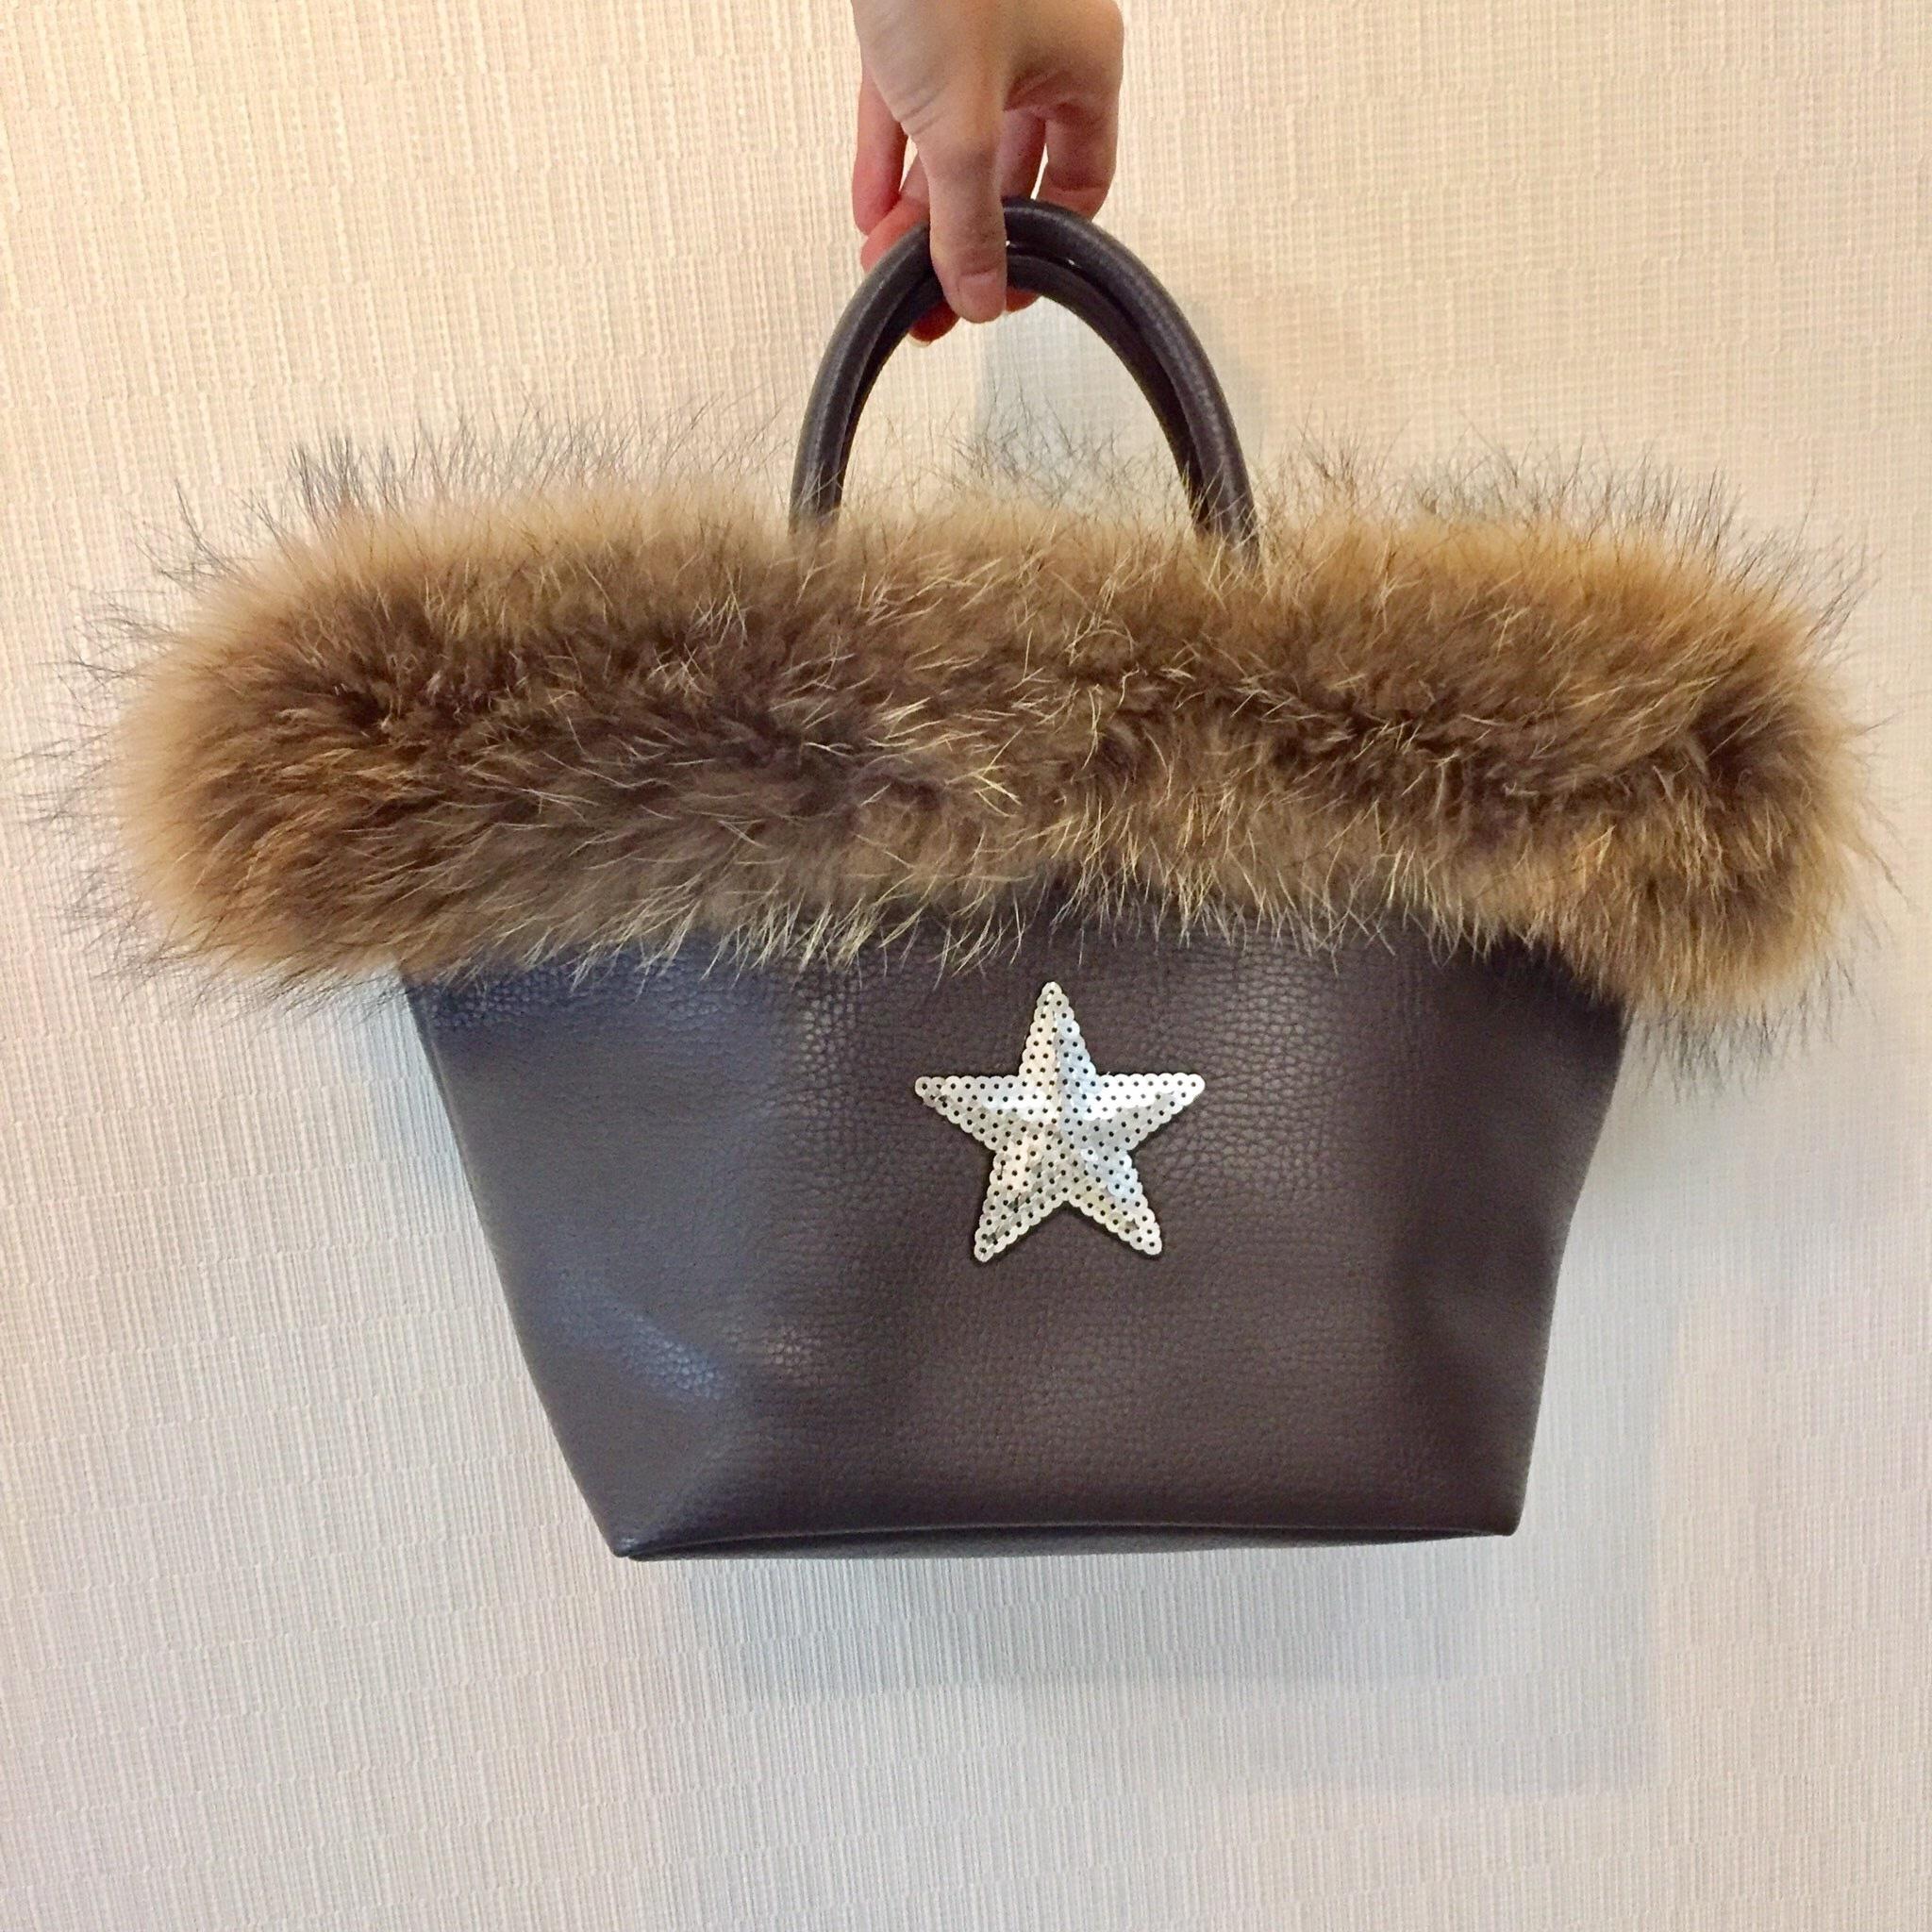 どんなバッグが好きですか?_1_3-1